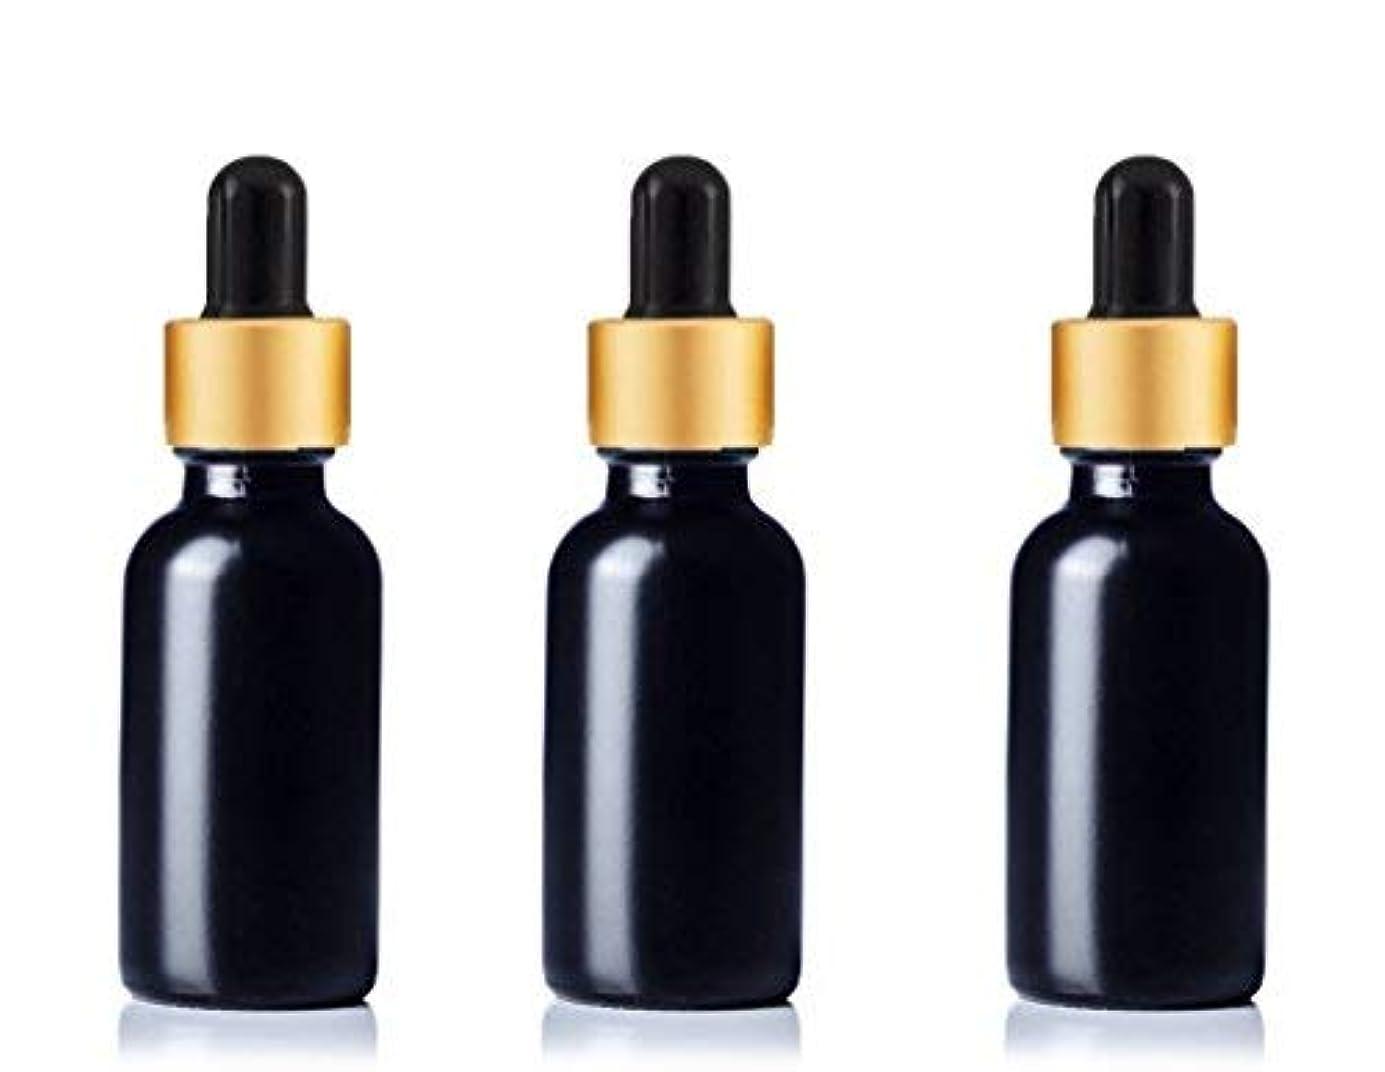 削減初心者カトリック教徒Grand Parfums Upscale 30ml Boston Round Dropper Bottle, Matte Black Glass with Gold Aluminum Hood and Black Bulb...